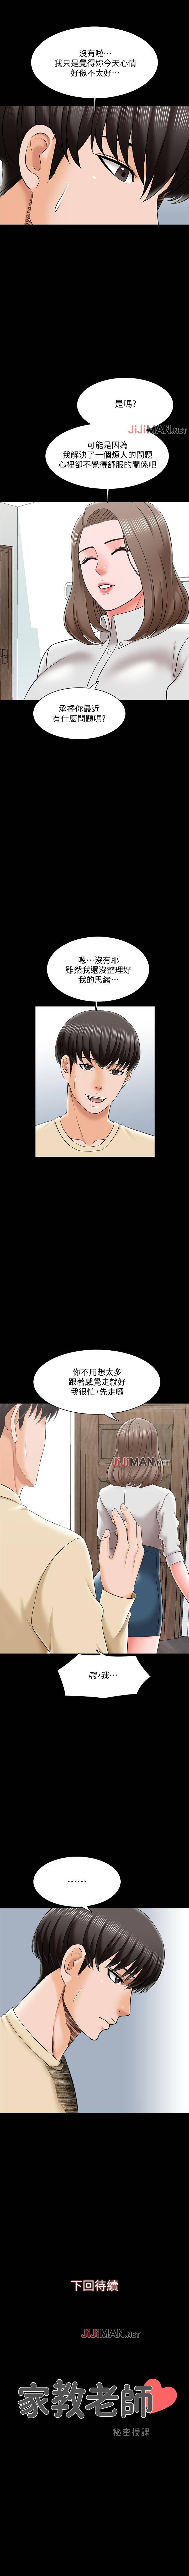 【周一连载】家教老师(作者: CreamMedia) 第1~44话 190